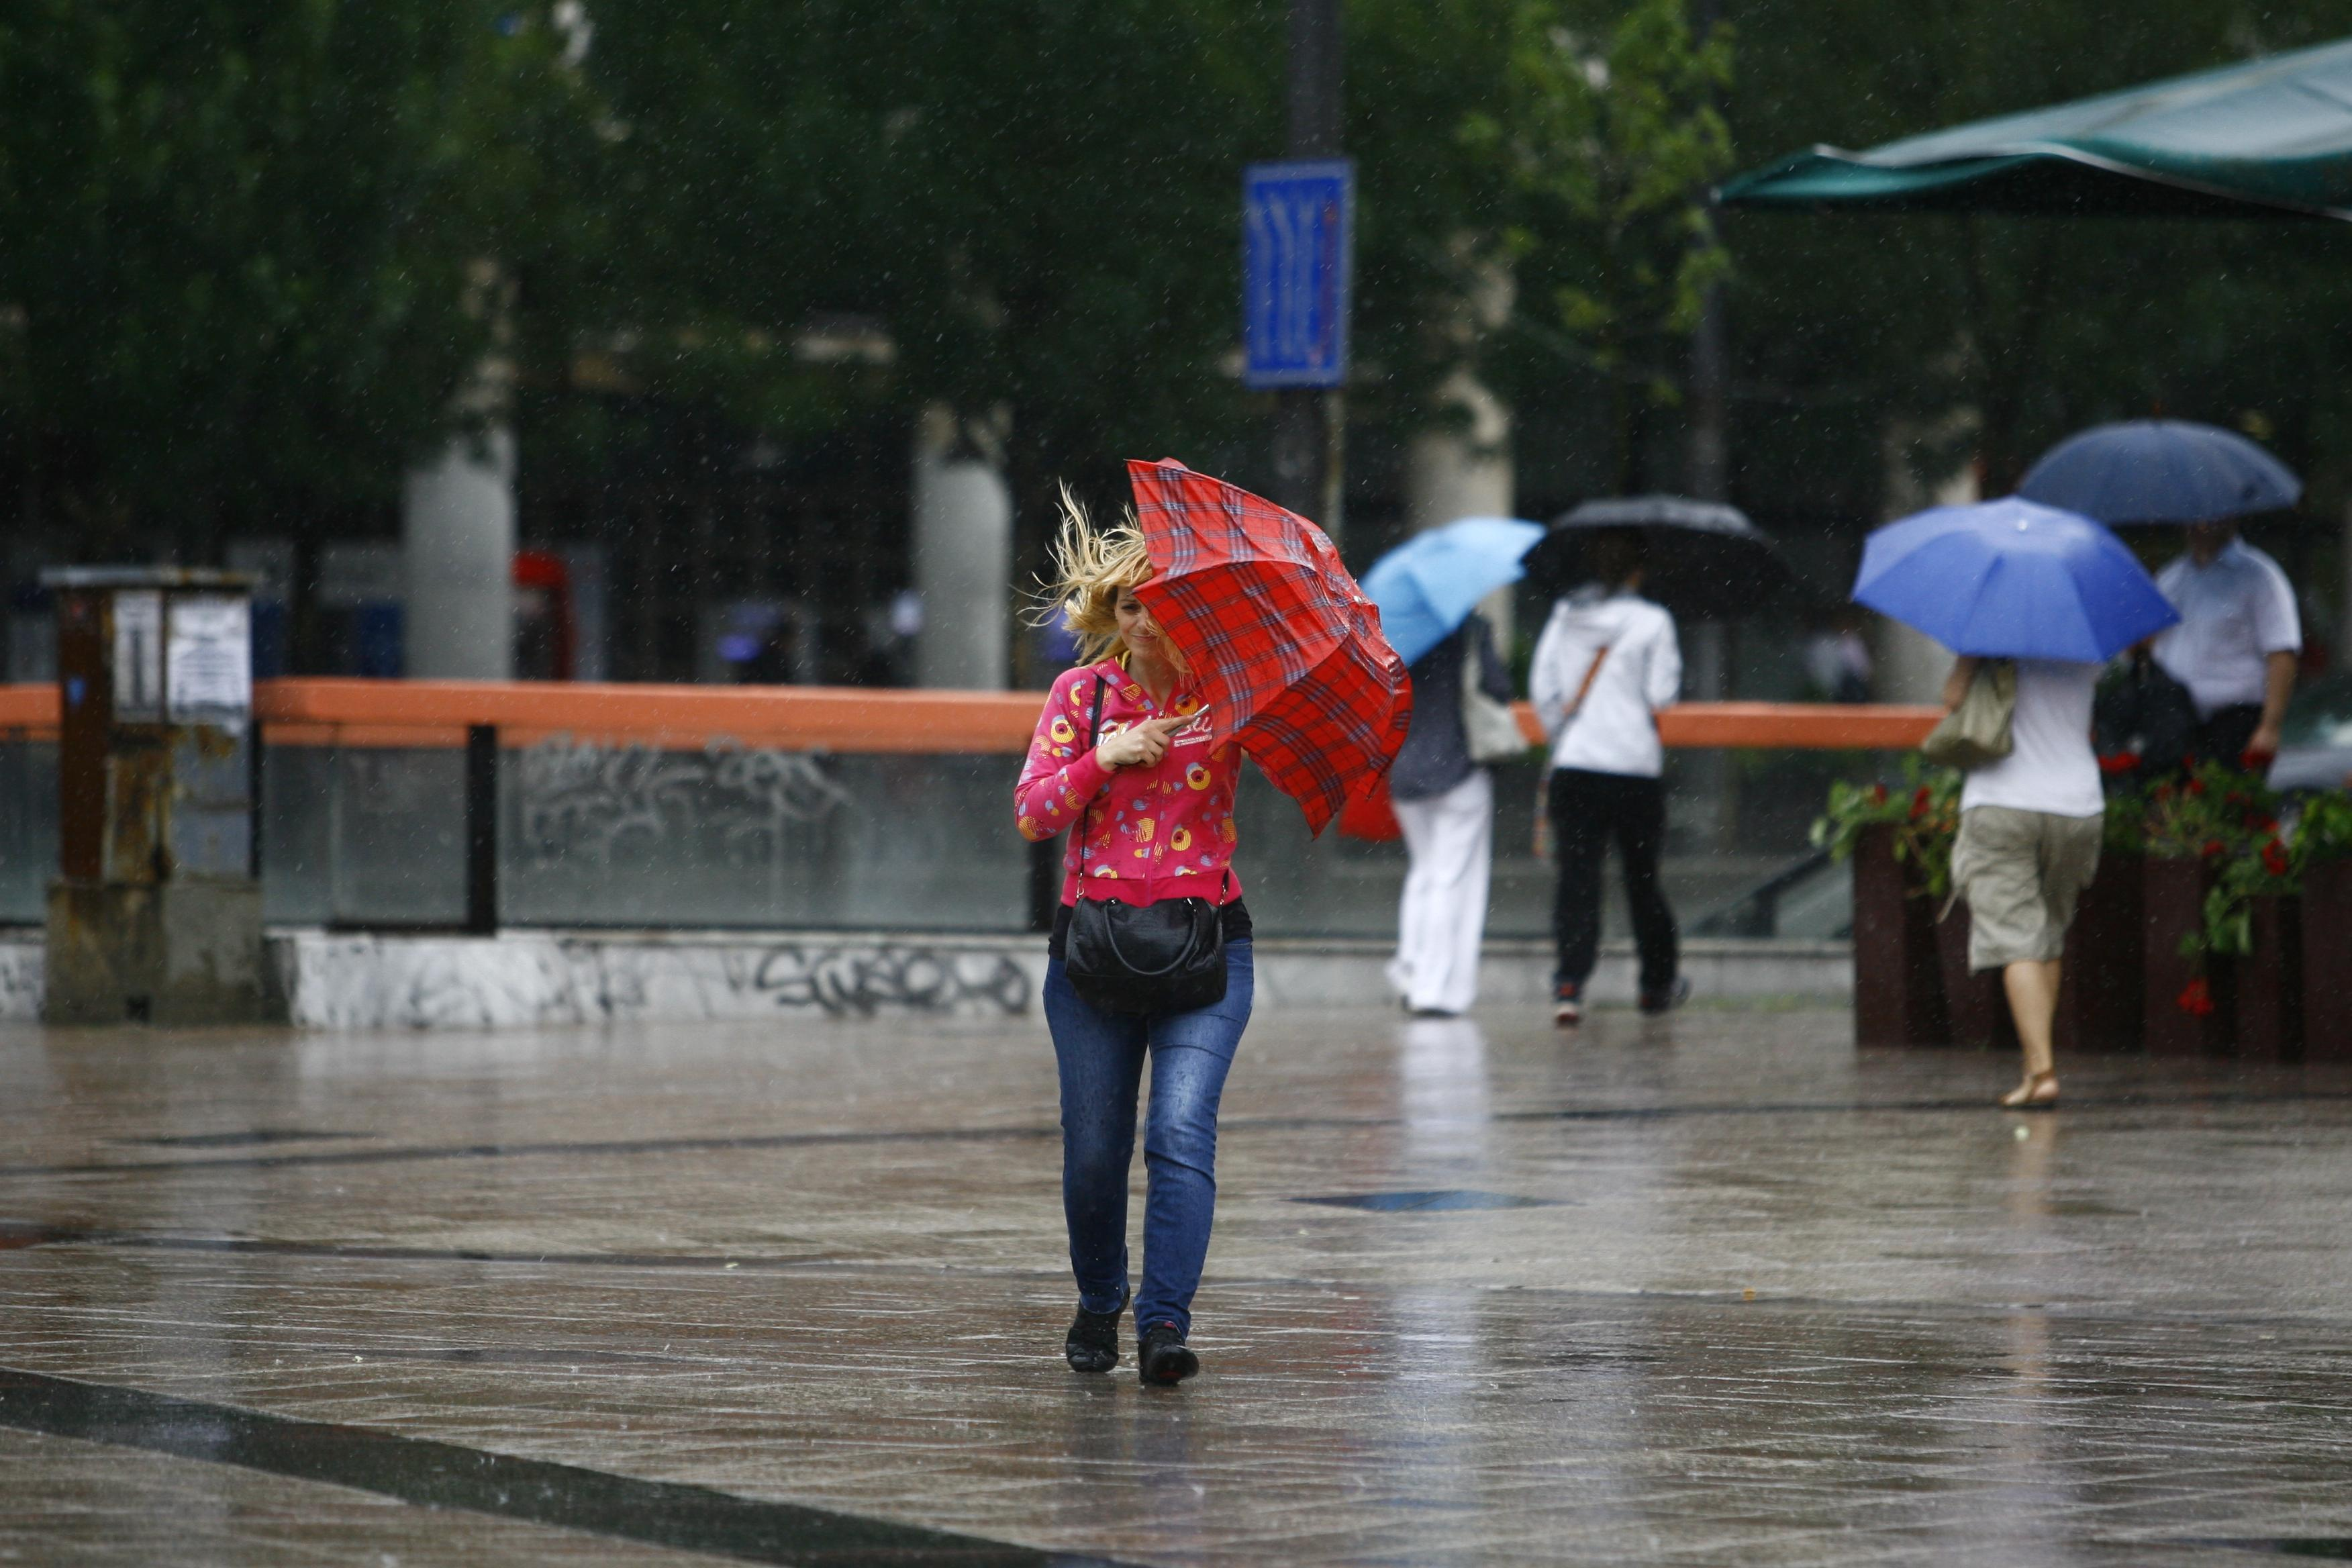 Alertă ANM! Cod galben de vreme rea. Ce regiuni sunt afectate și ce anunță meteorologii pentru următoarele săptămâni